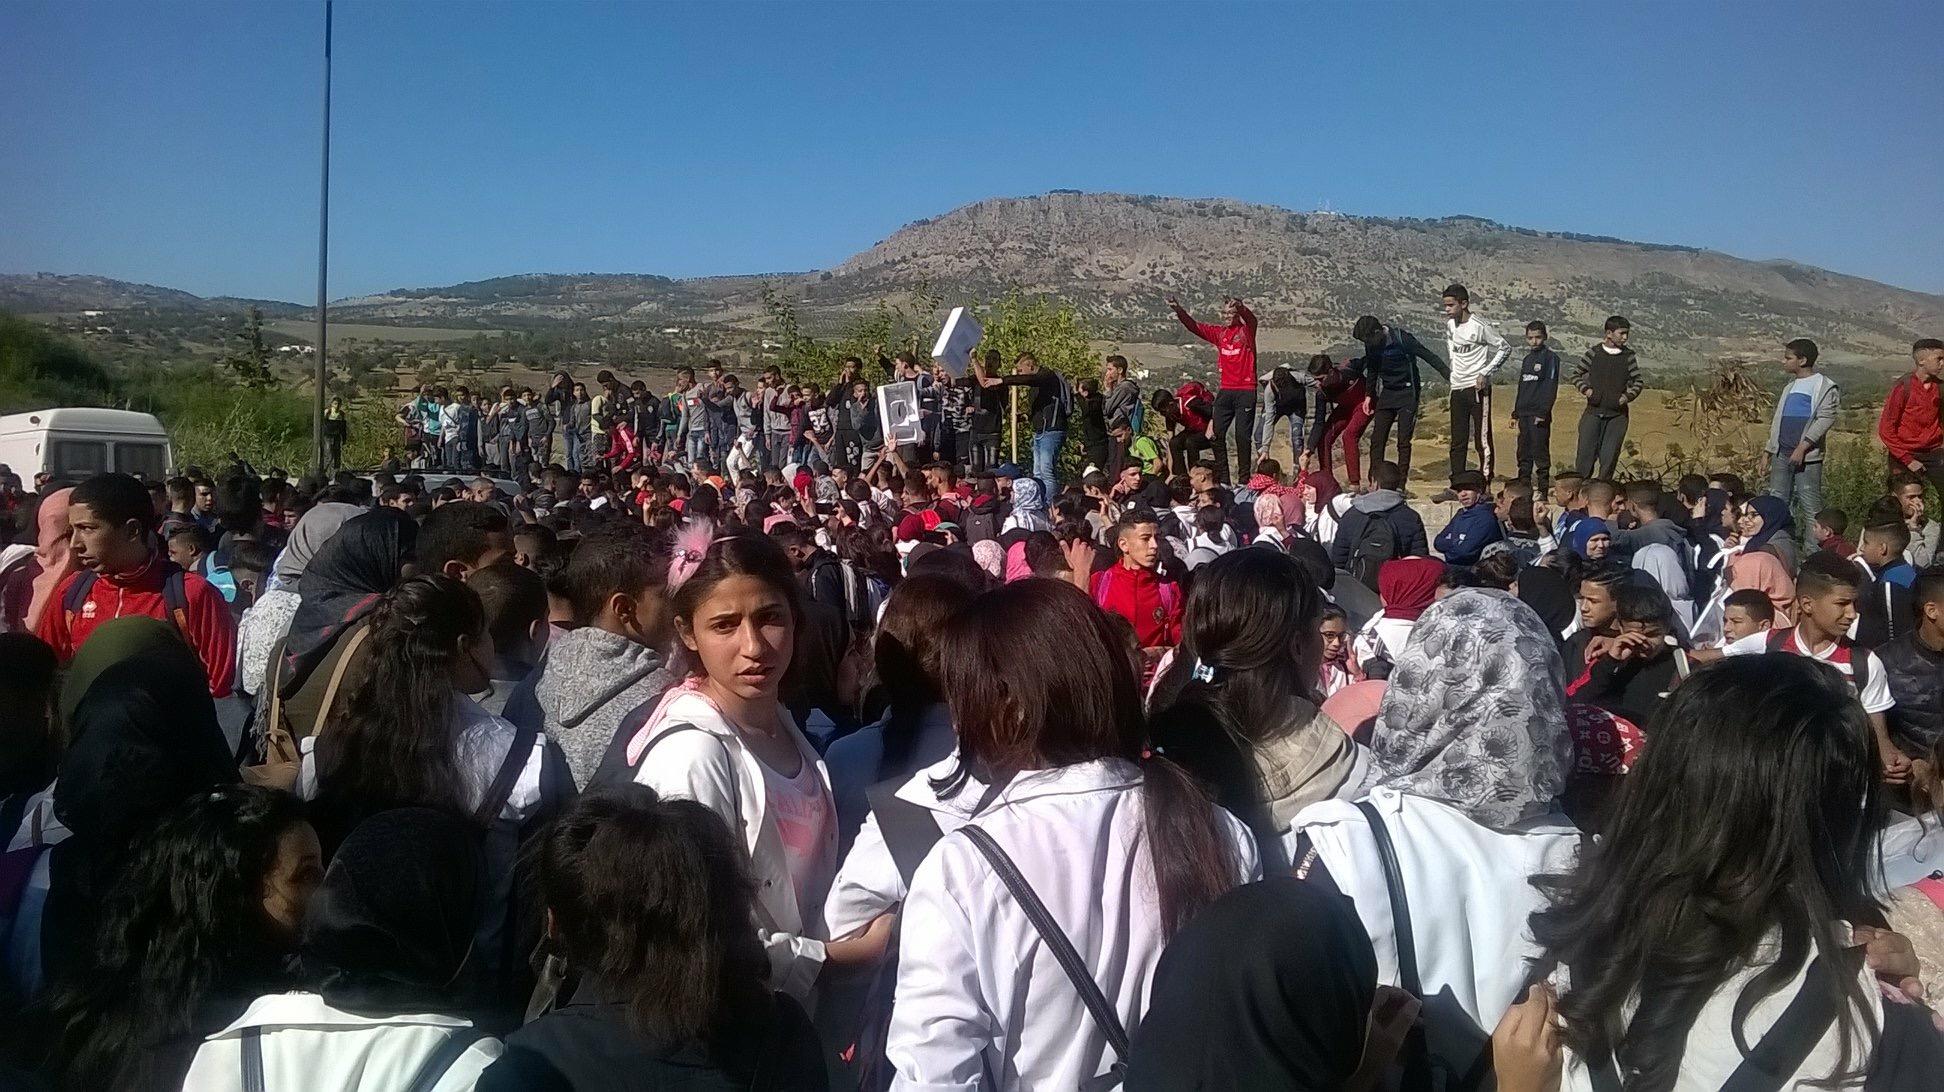 إحتجاجات تلاميذية عارمة بفاس لإسقاط 'ساعة الحكومة' وشعارات ضد رئيس الحكومة